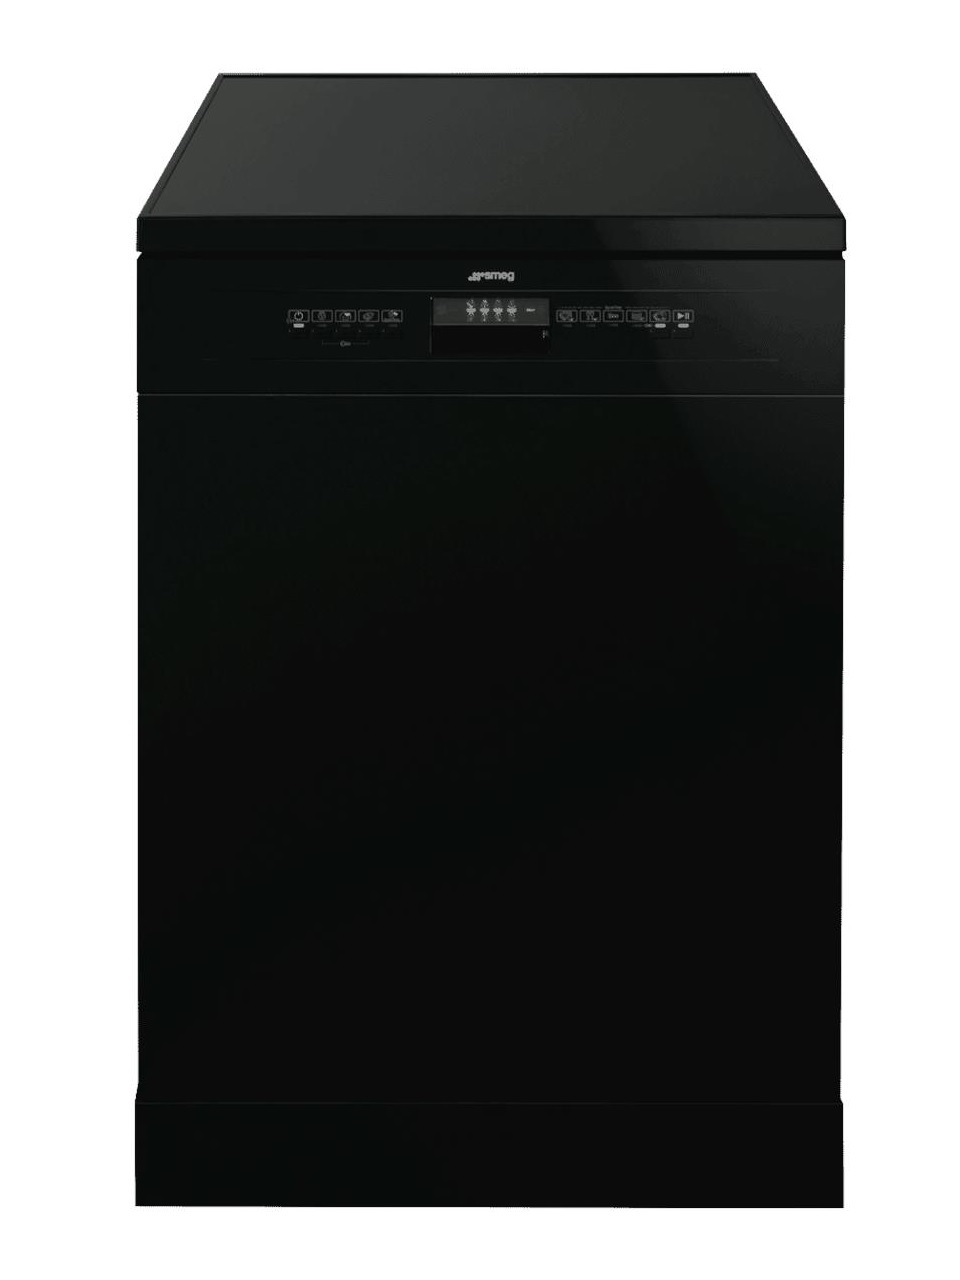 Smeg DWA6314B2 Dishwasher